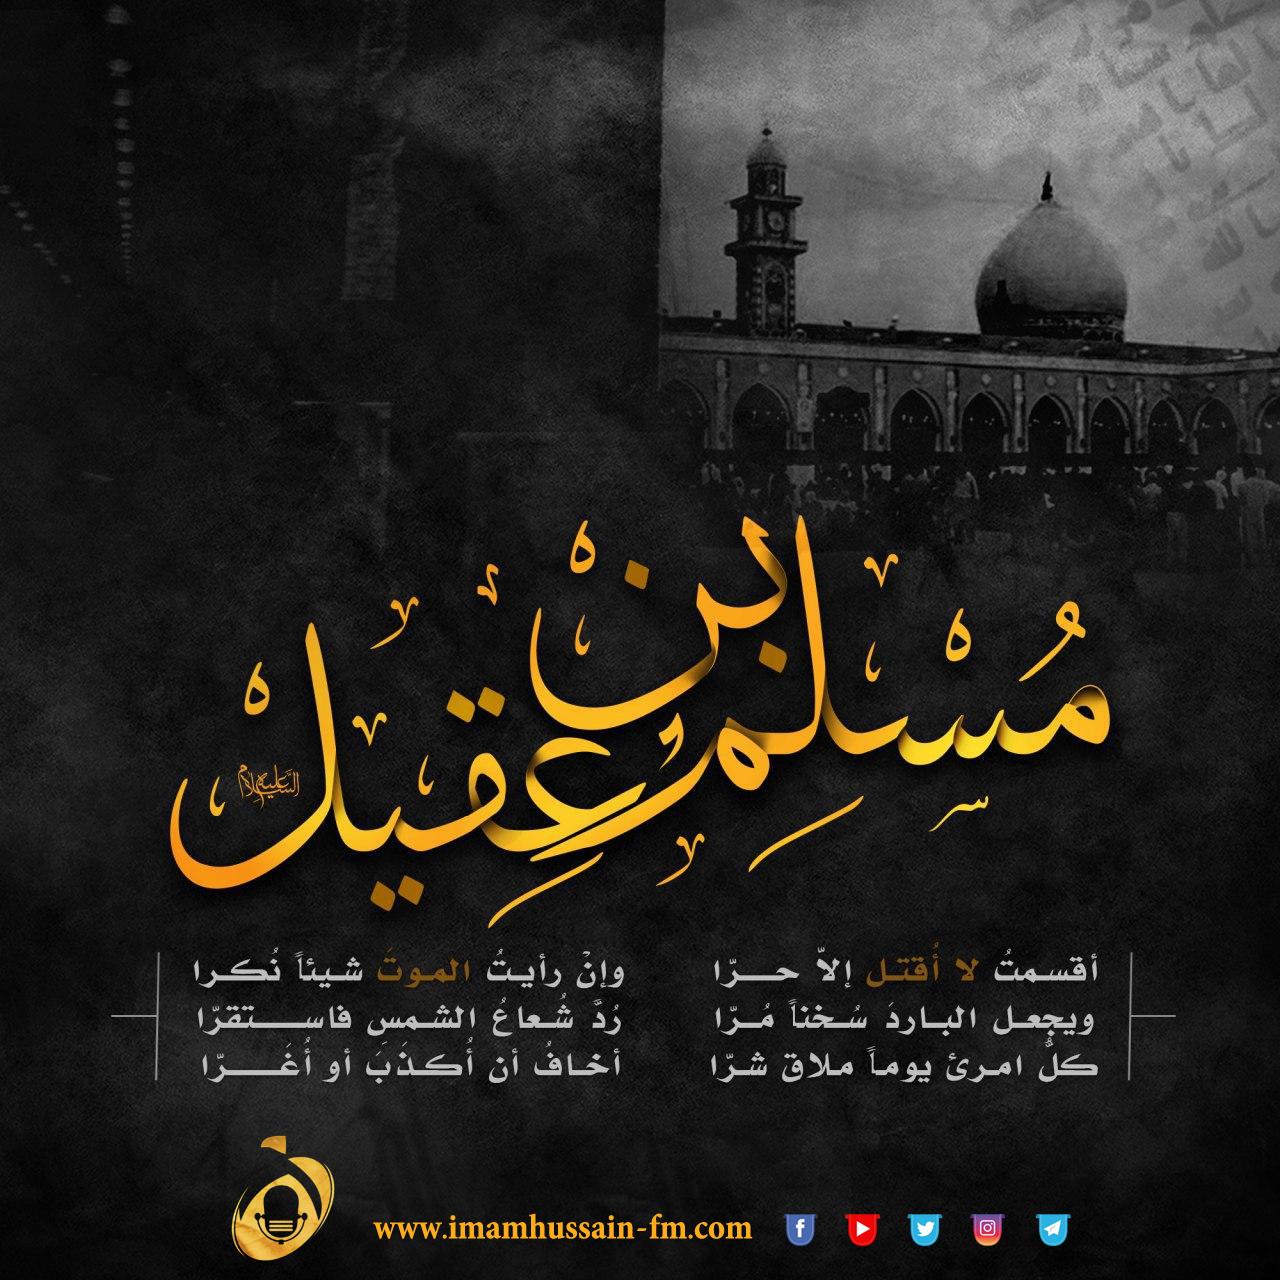 اذاعة الروضة الحسينية المقدسة: